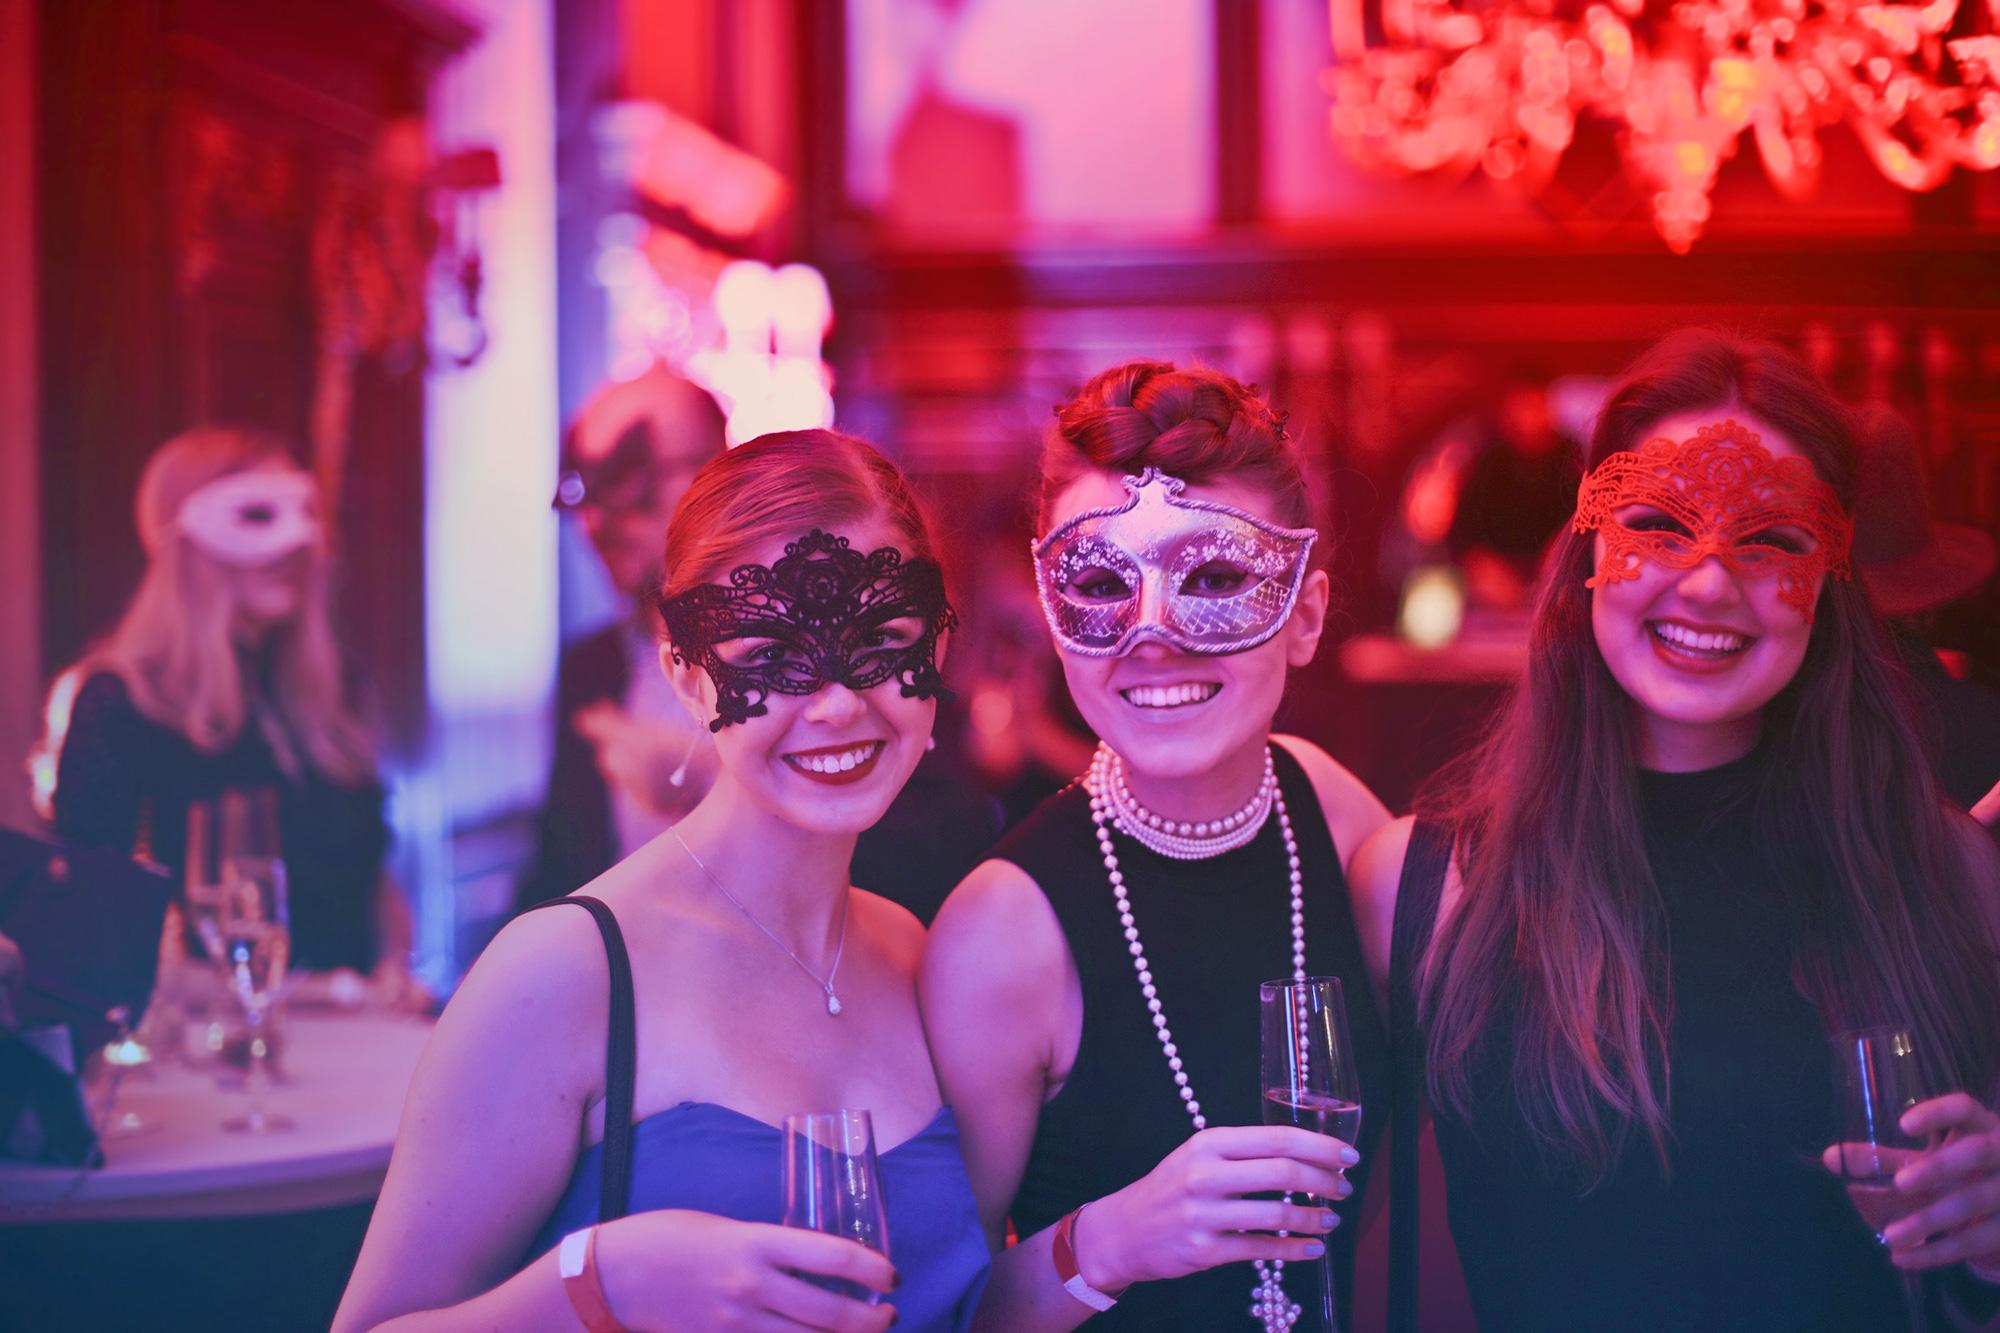 Plan your next party with Dancin' Divas - Bathurst Pole Studio